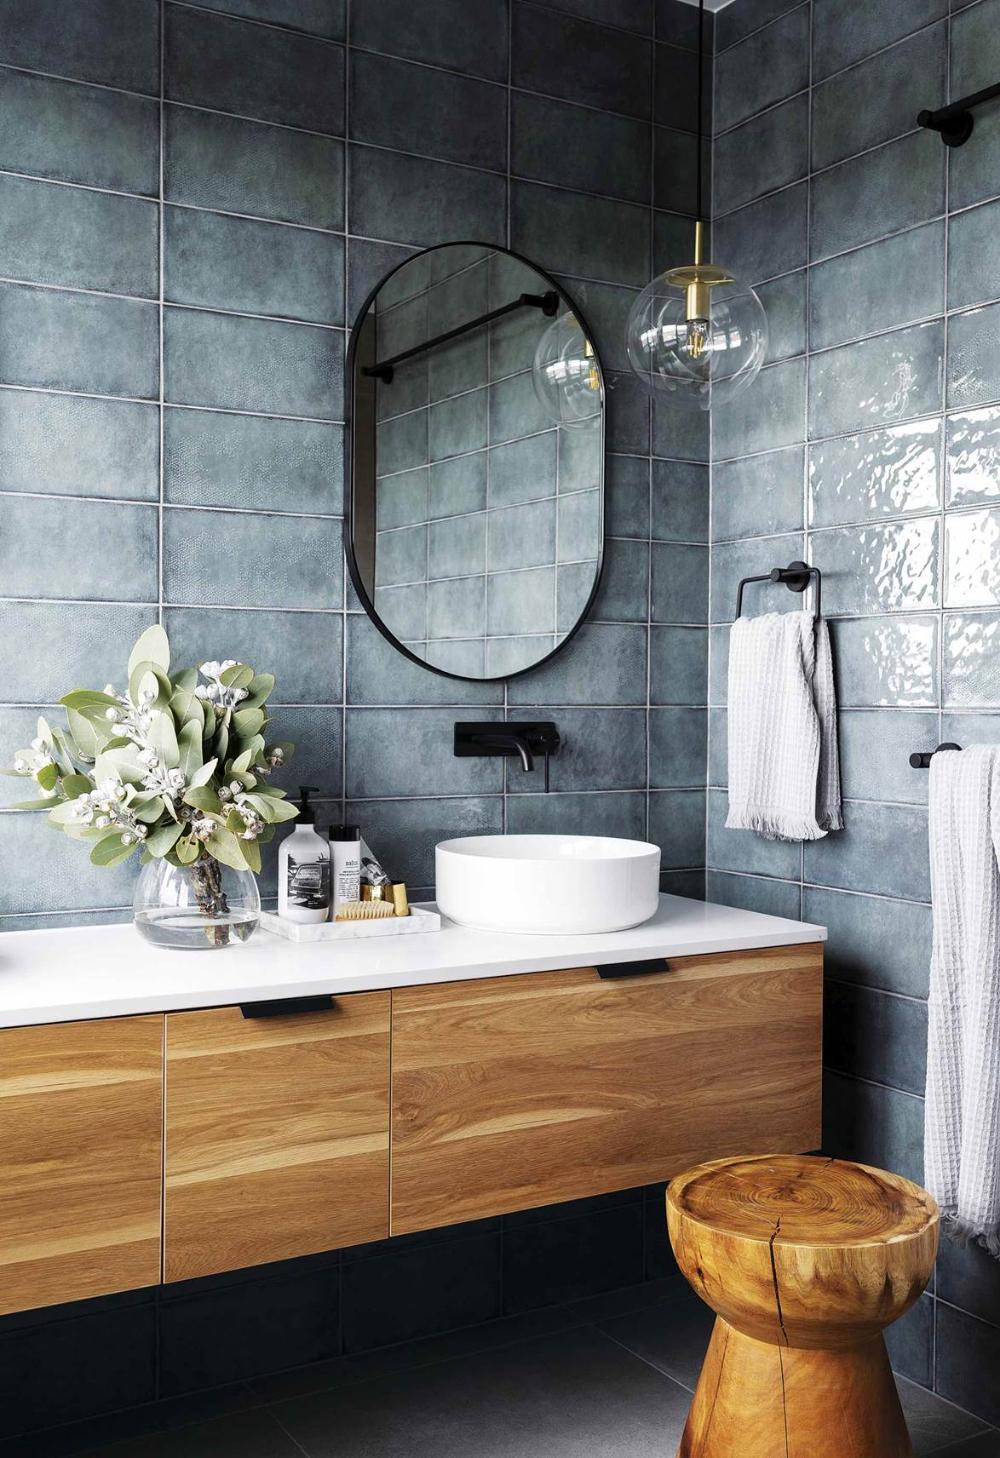 Photo of 6 Badezimmer Dekor Ideen zu versuchen, im Jahr 2019